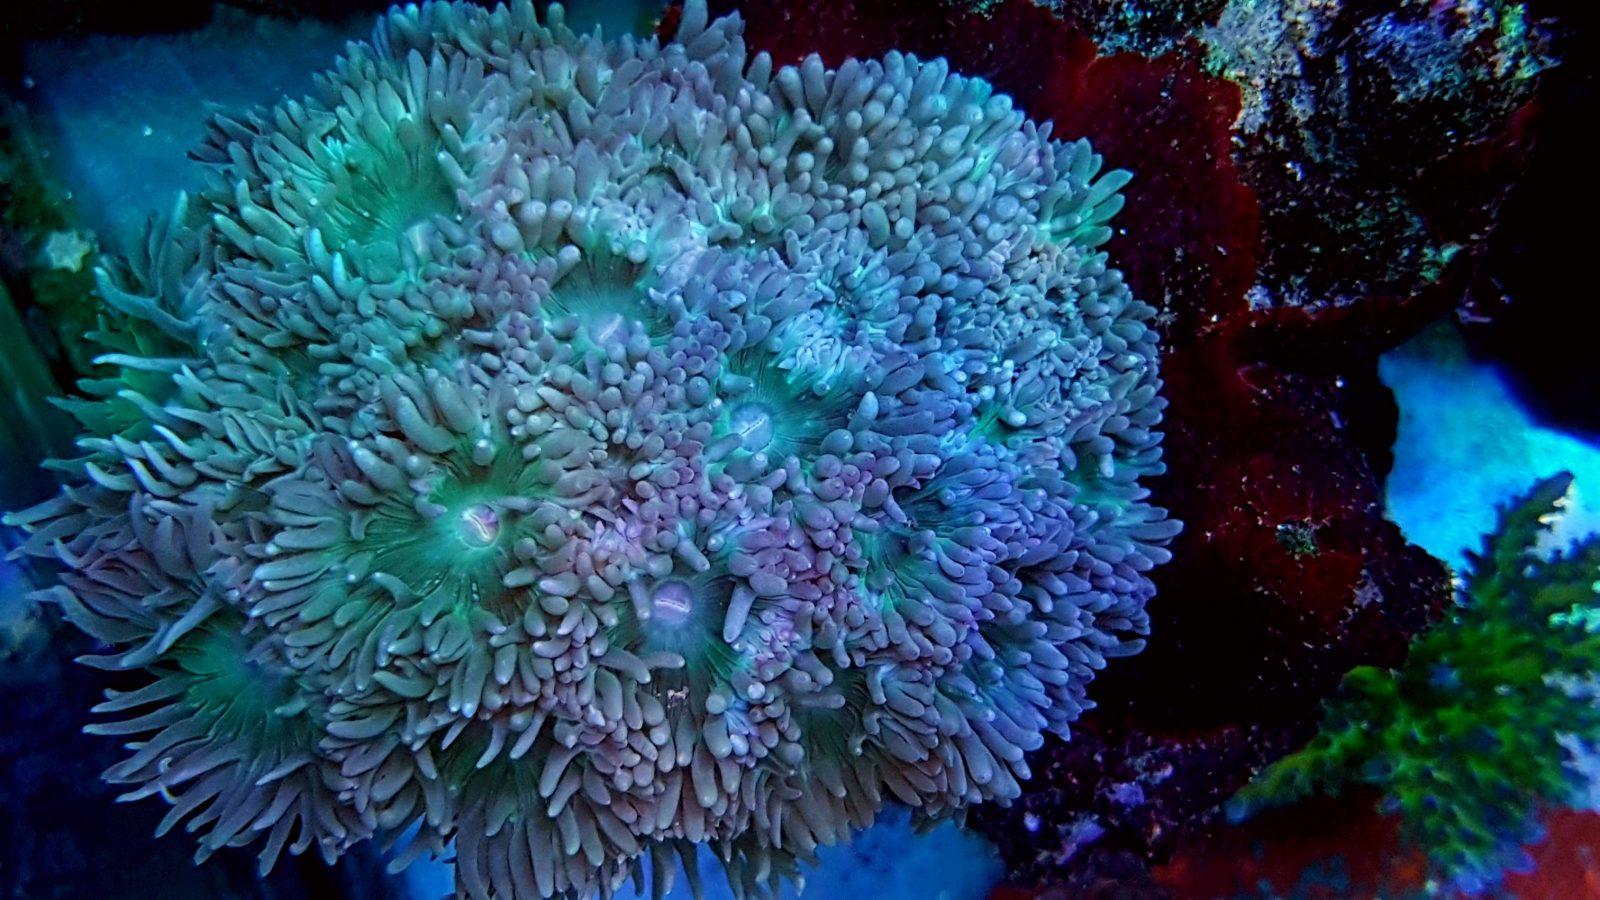 o tanque bonito do recife conduziu luzes